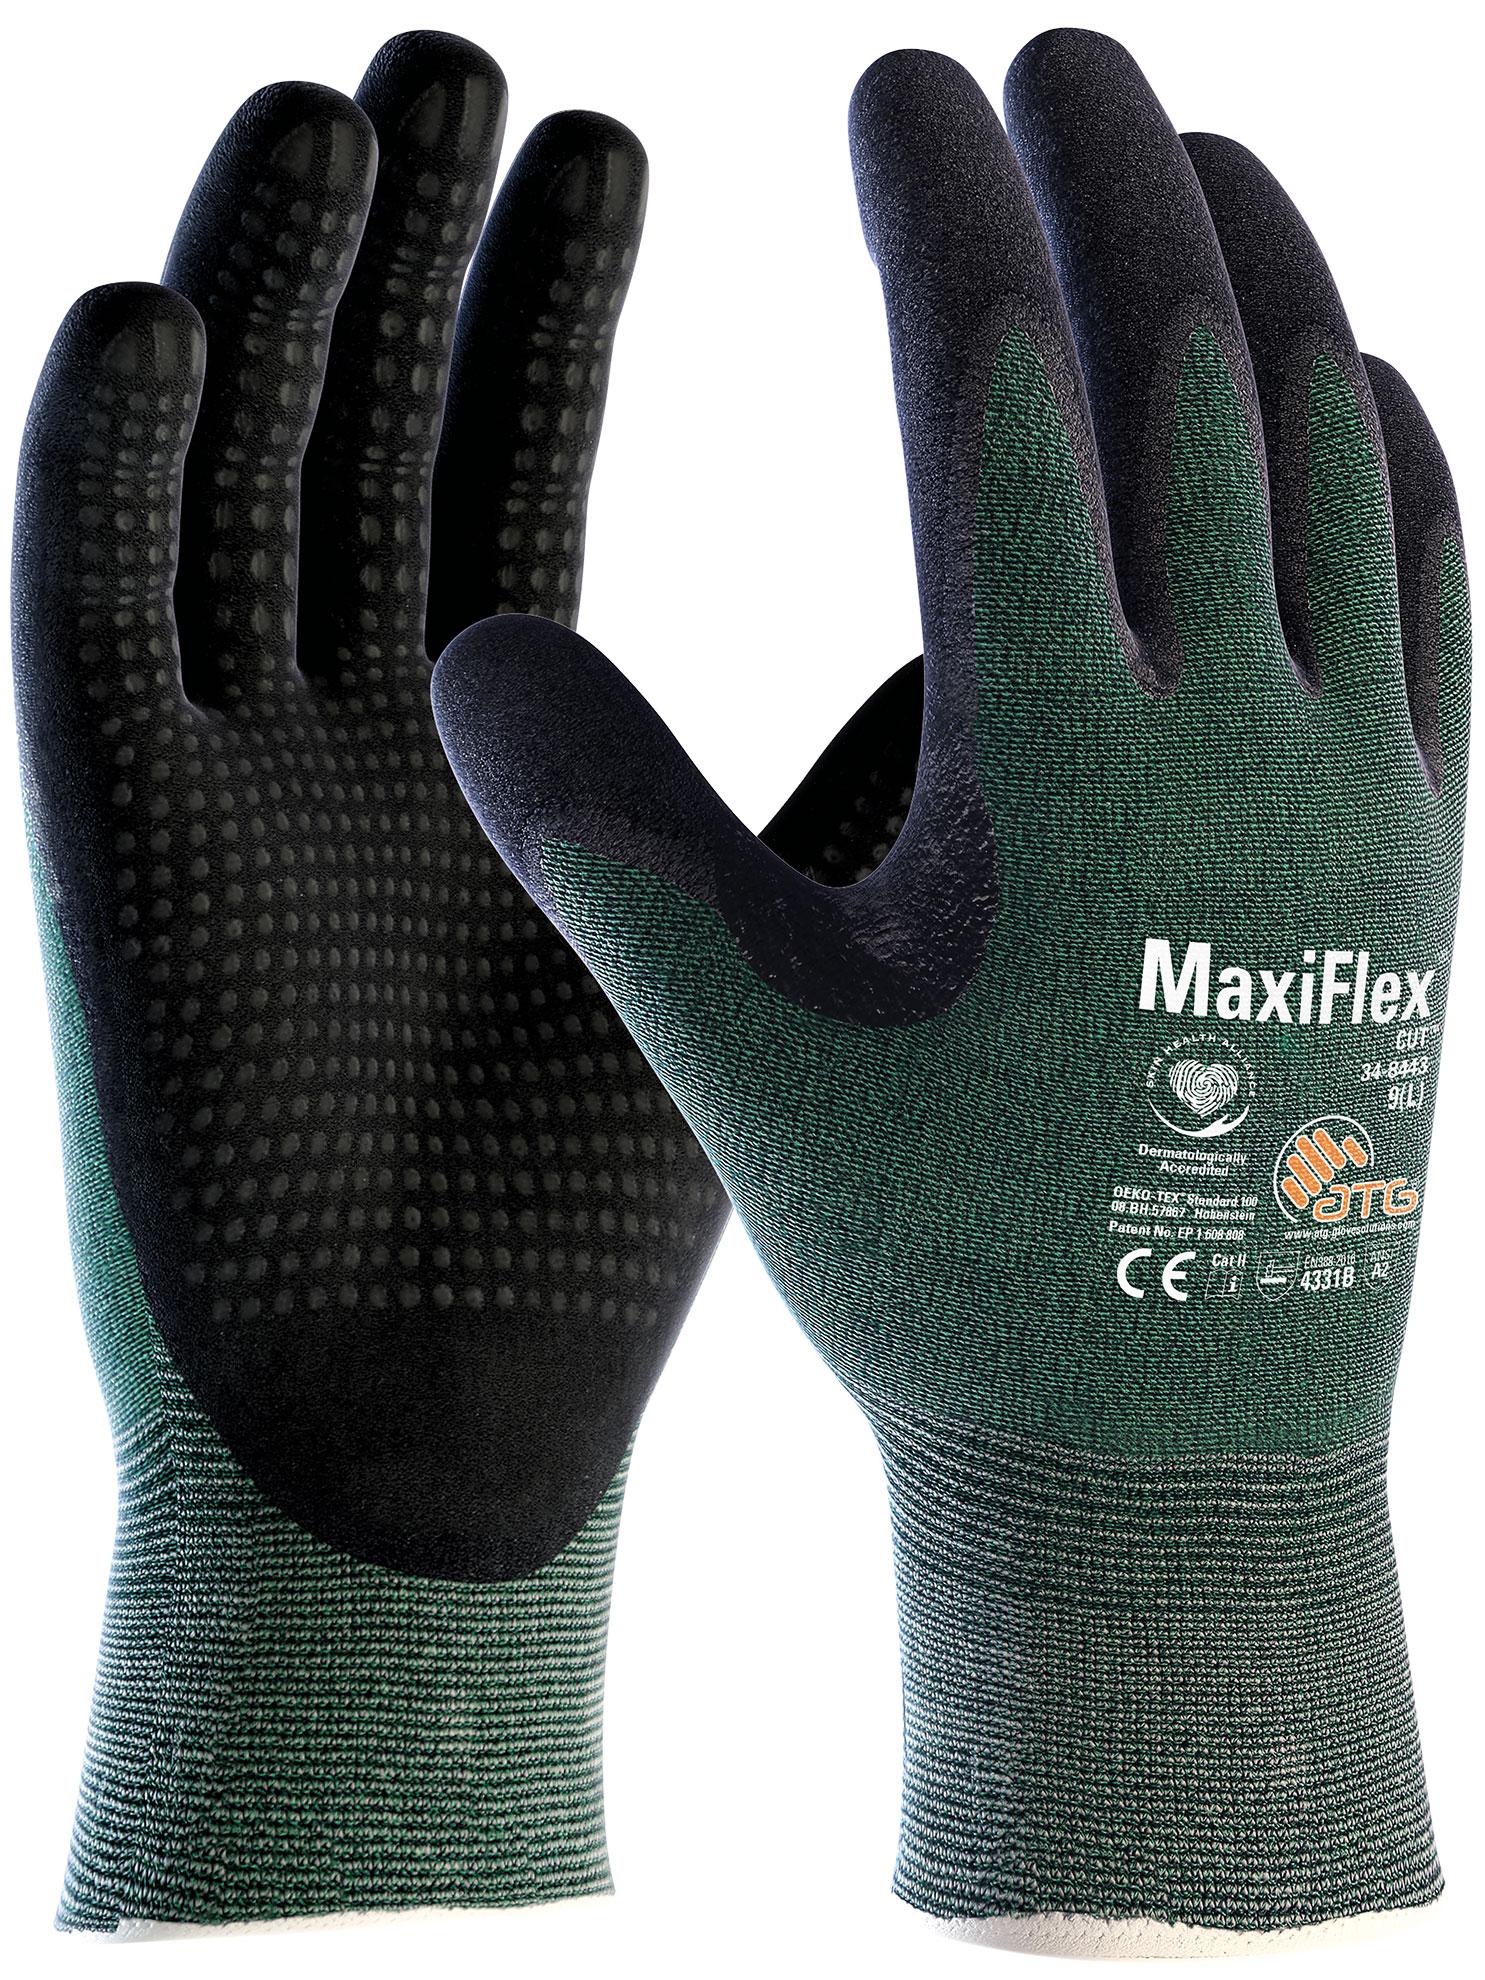 34-8443 MaxiFlex® Cut